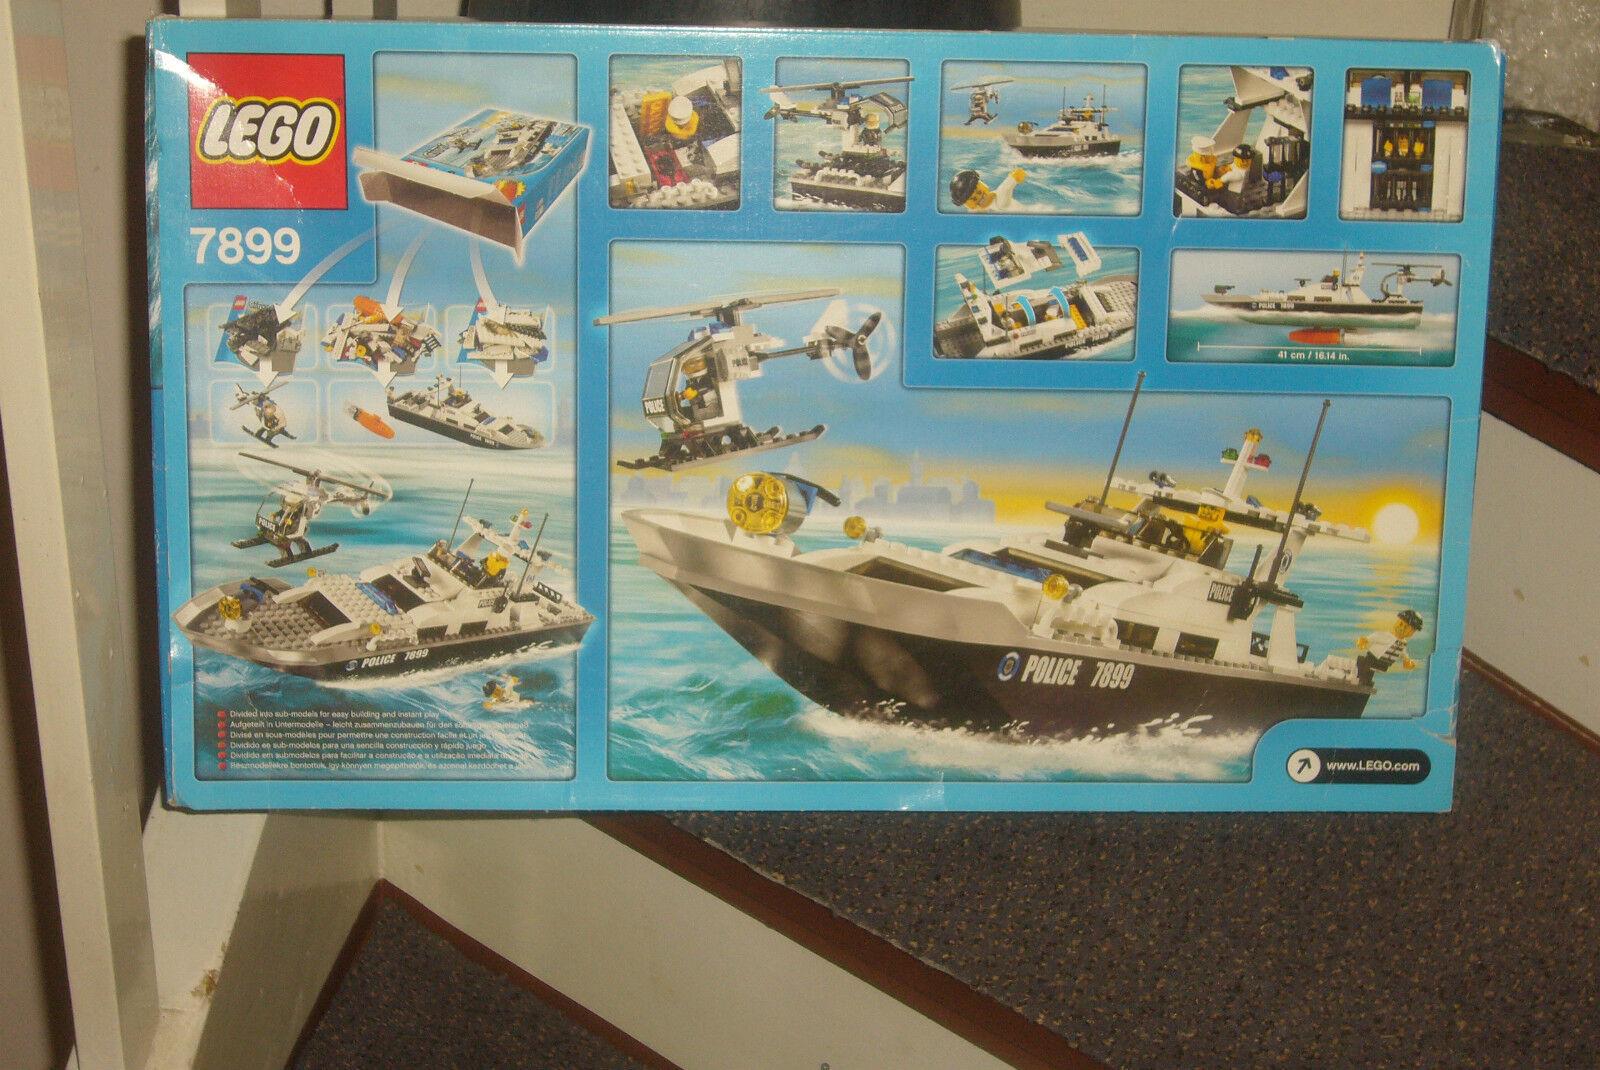 Lego PolizeiStiefel 7899 (schwimmfähig) komplett mit Motor, Bauanleitung und OVP